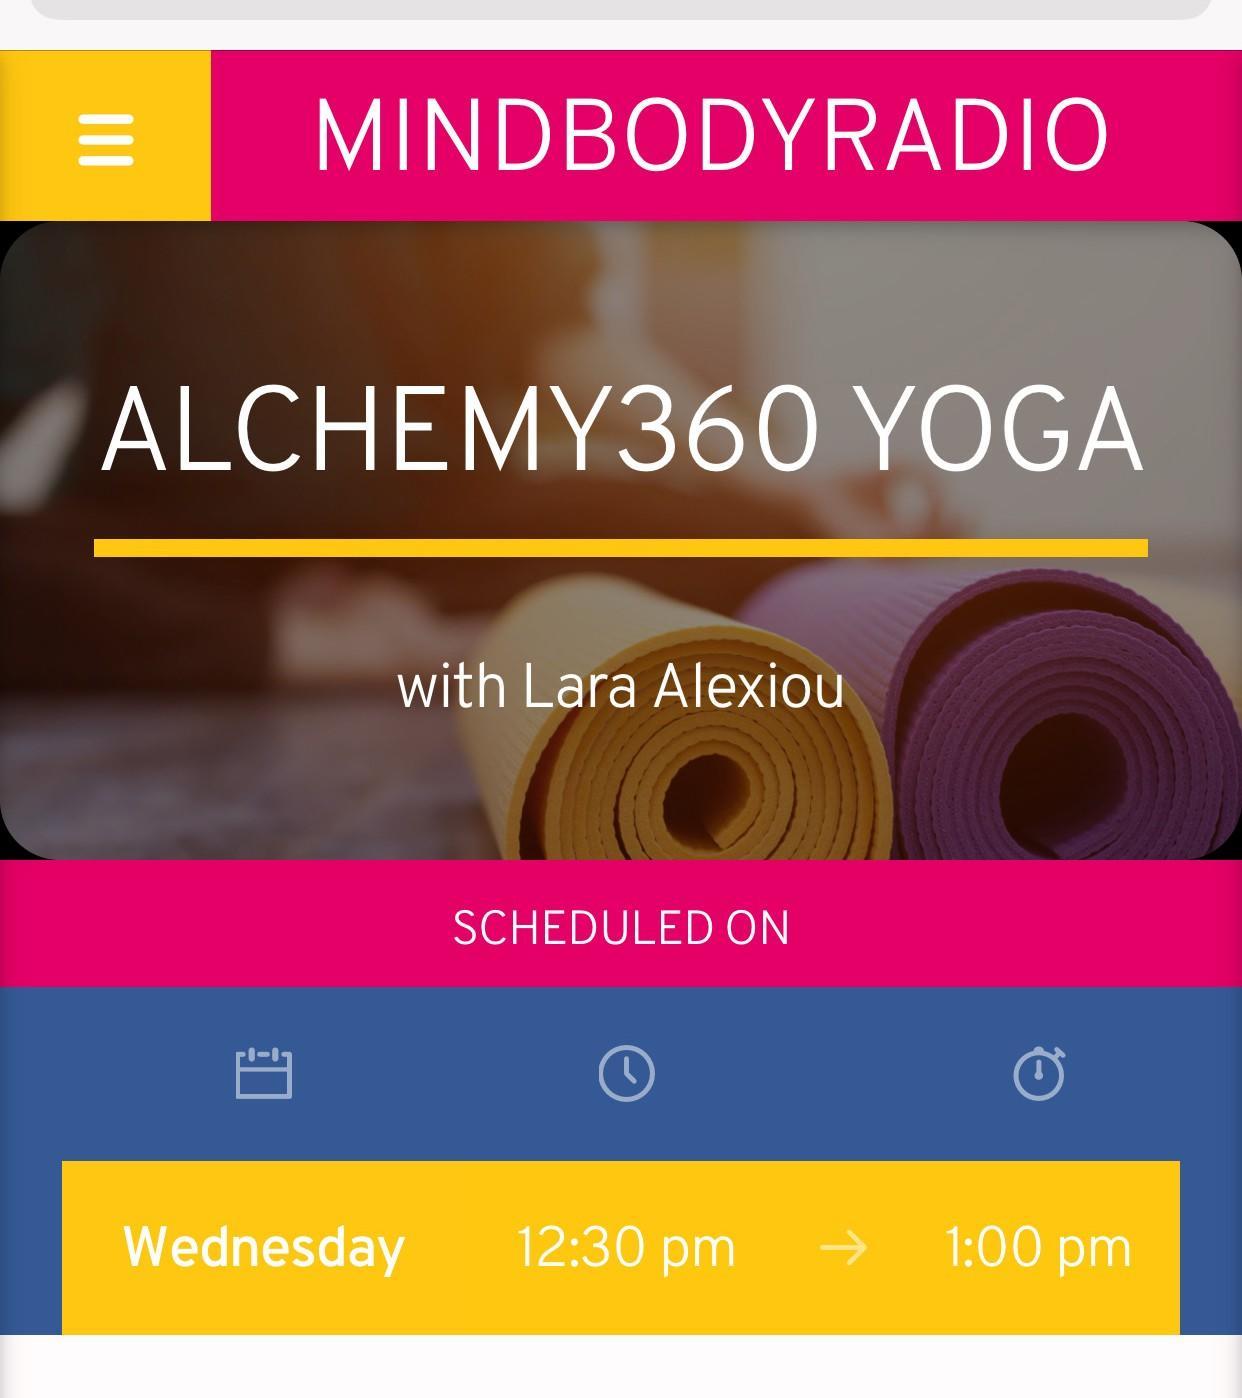 Mindbody Radio Alchemy360